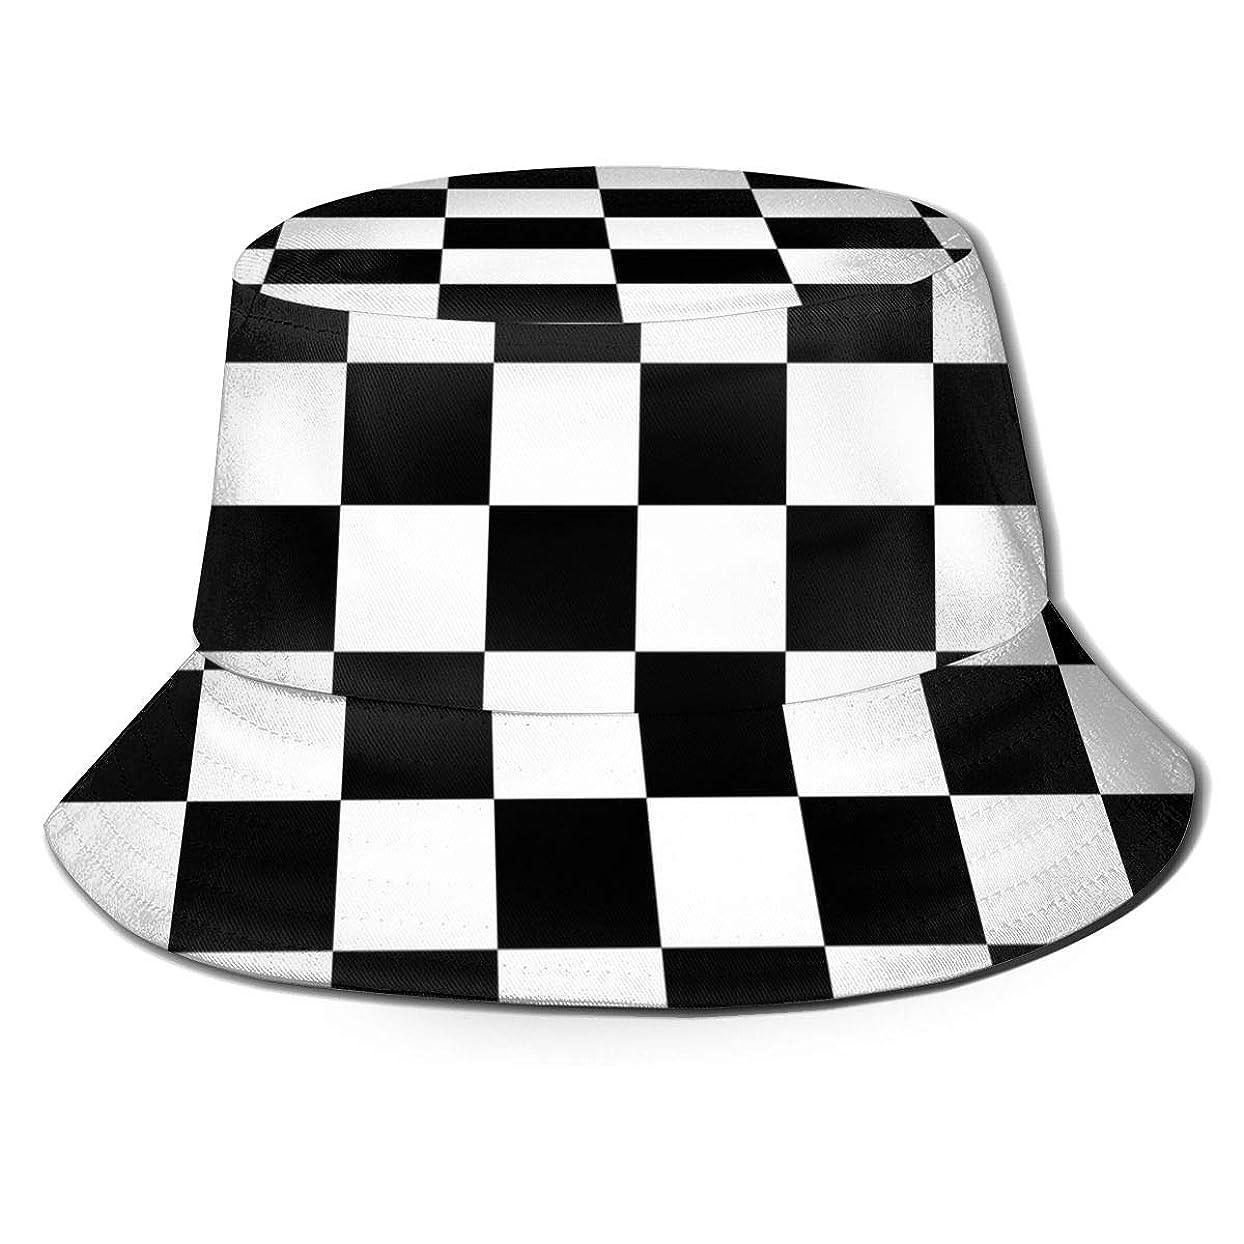 行う有効なアジア人Aiwnin 黒白 格子 漁師の帽子 サンハット 日よけ帽 紫外線保護 釣り 登山 農作業 通気性がいい